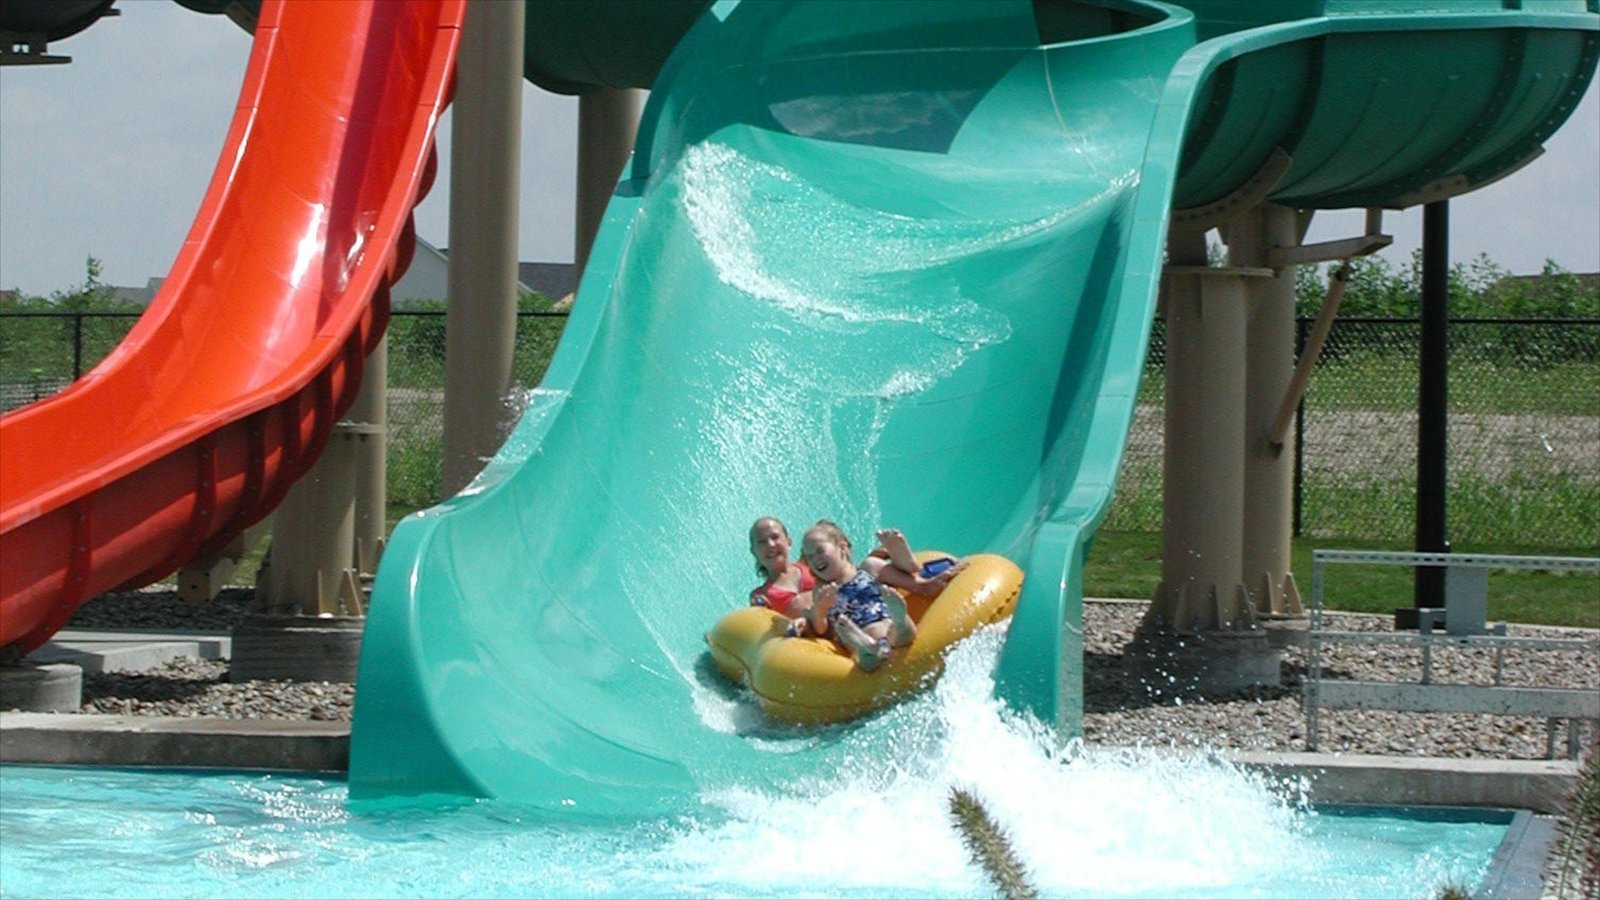 West Des Moines que incluye una alberca y un parque acuático y también niños